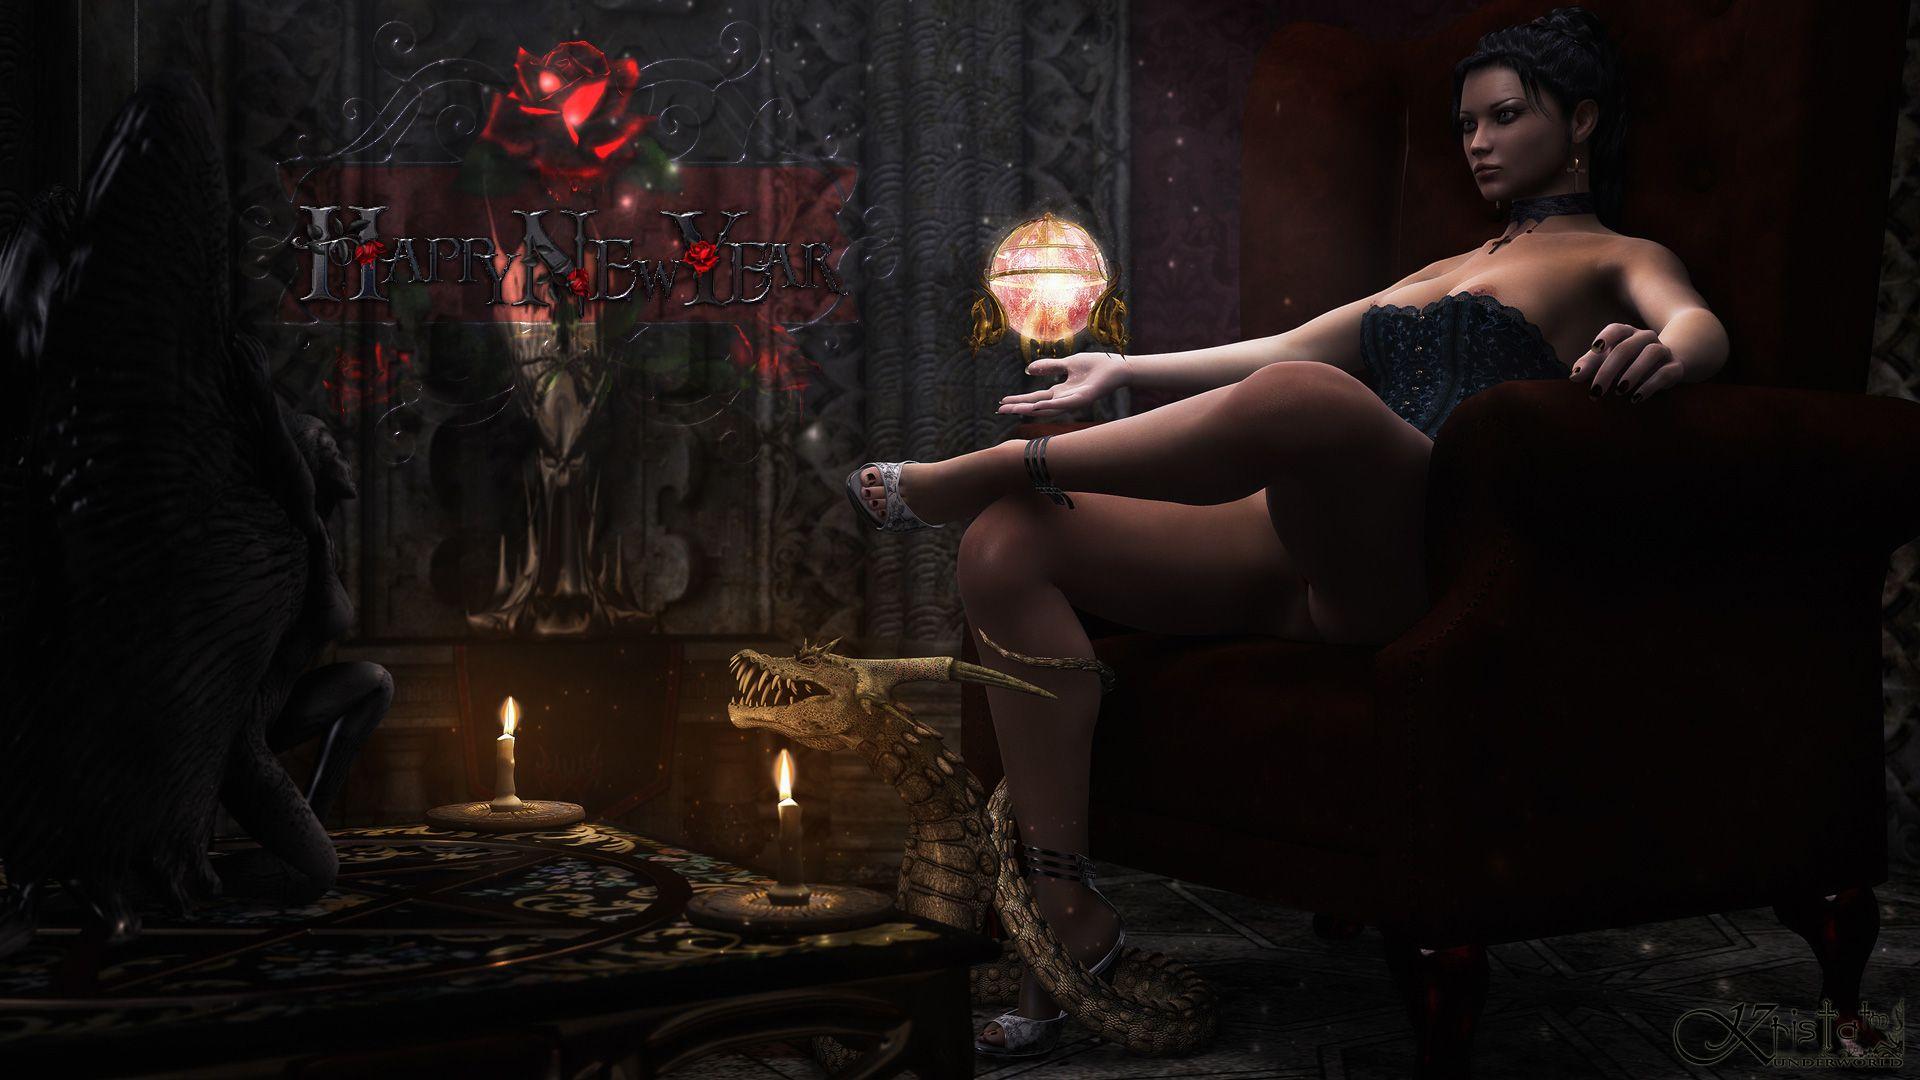 Секс арты игры, Игровая эротика :: Игры картинки, гифки, прикольные 13 фотография